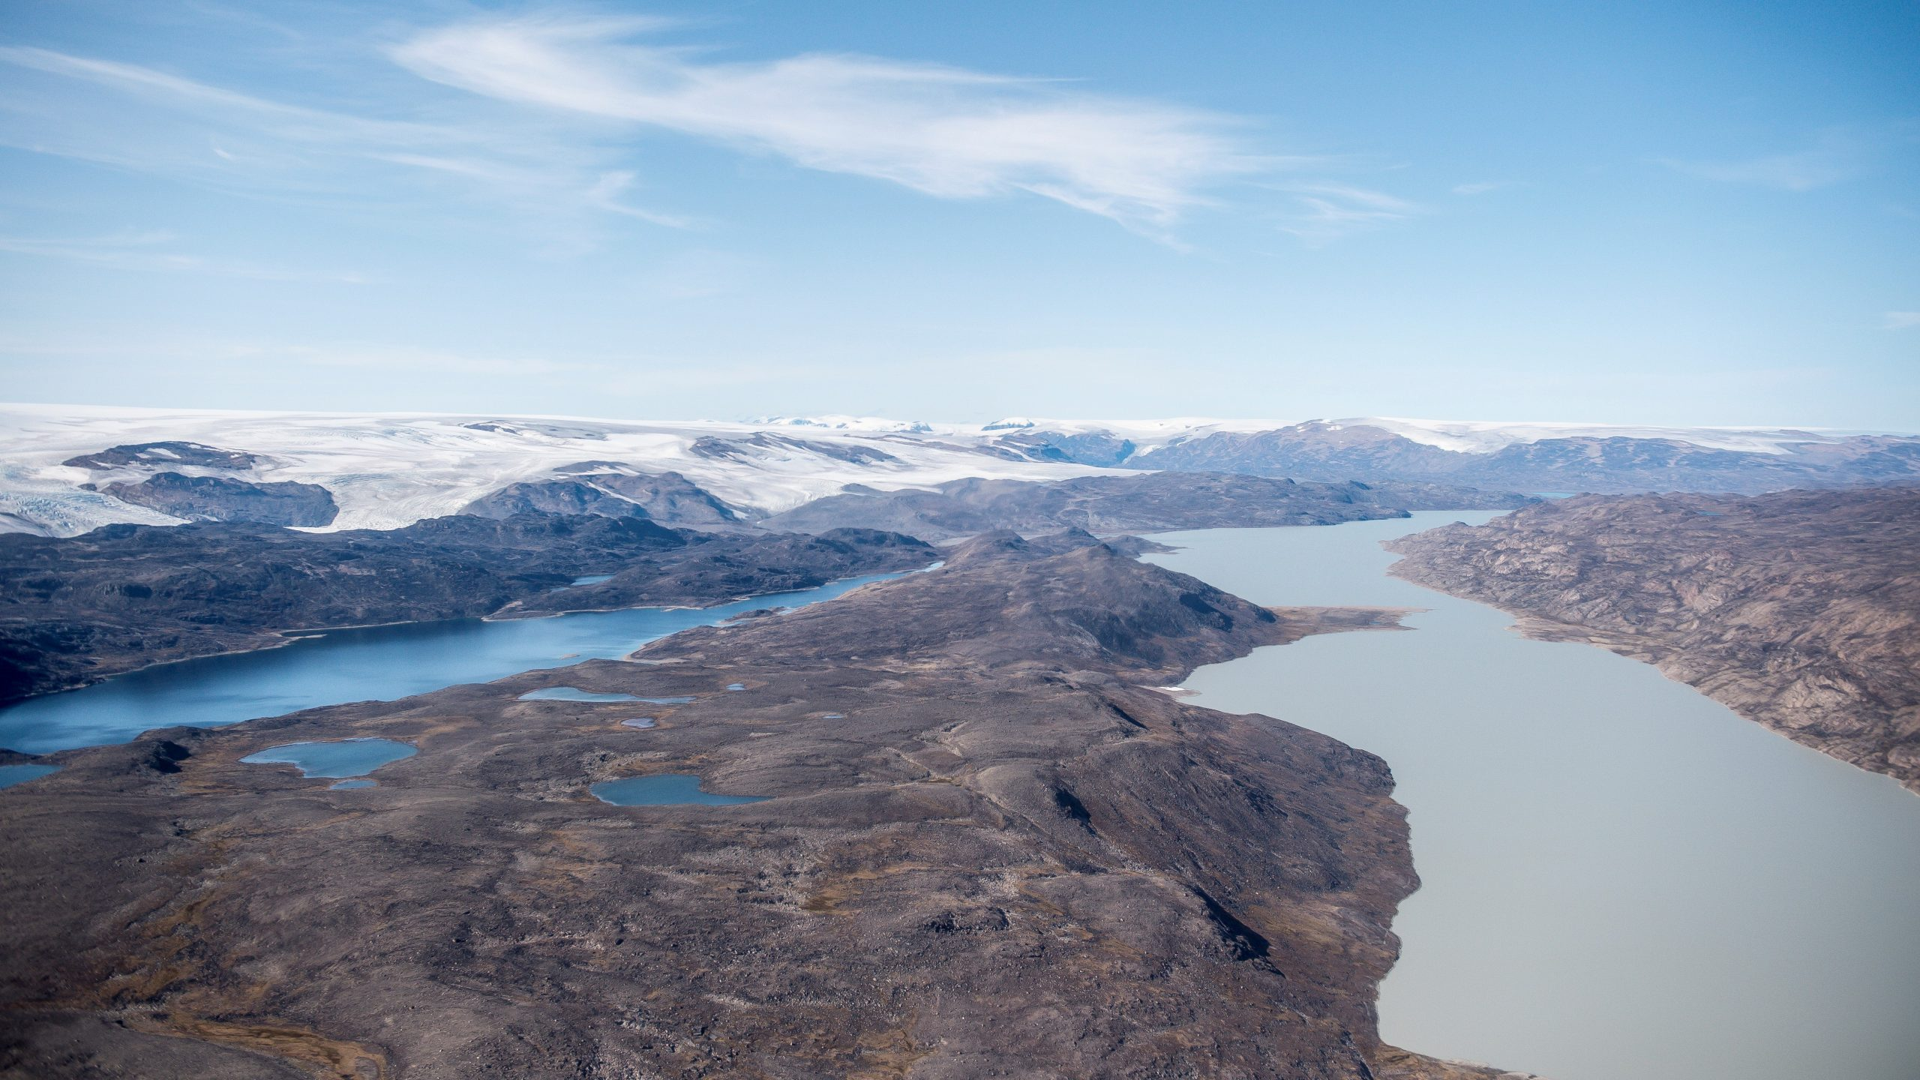 Michael Aastrup Jensen RÆSON41: Dansk udenrigspolitik skal ændres: Det er i Arktis, at Danmark for alvor har en rolle at spille